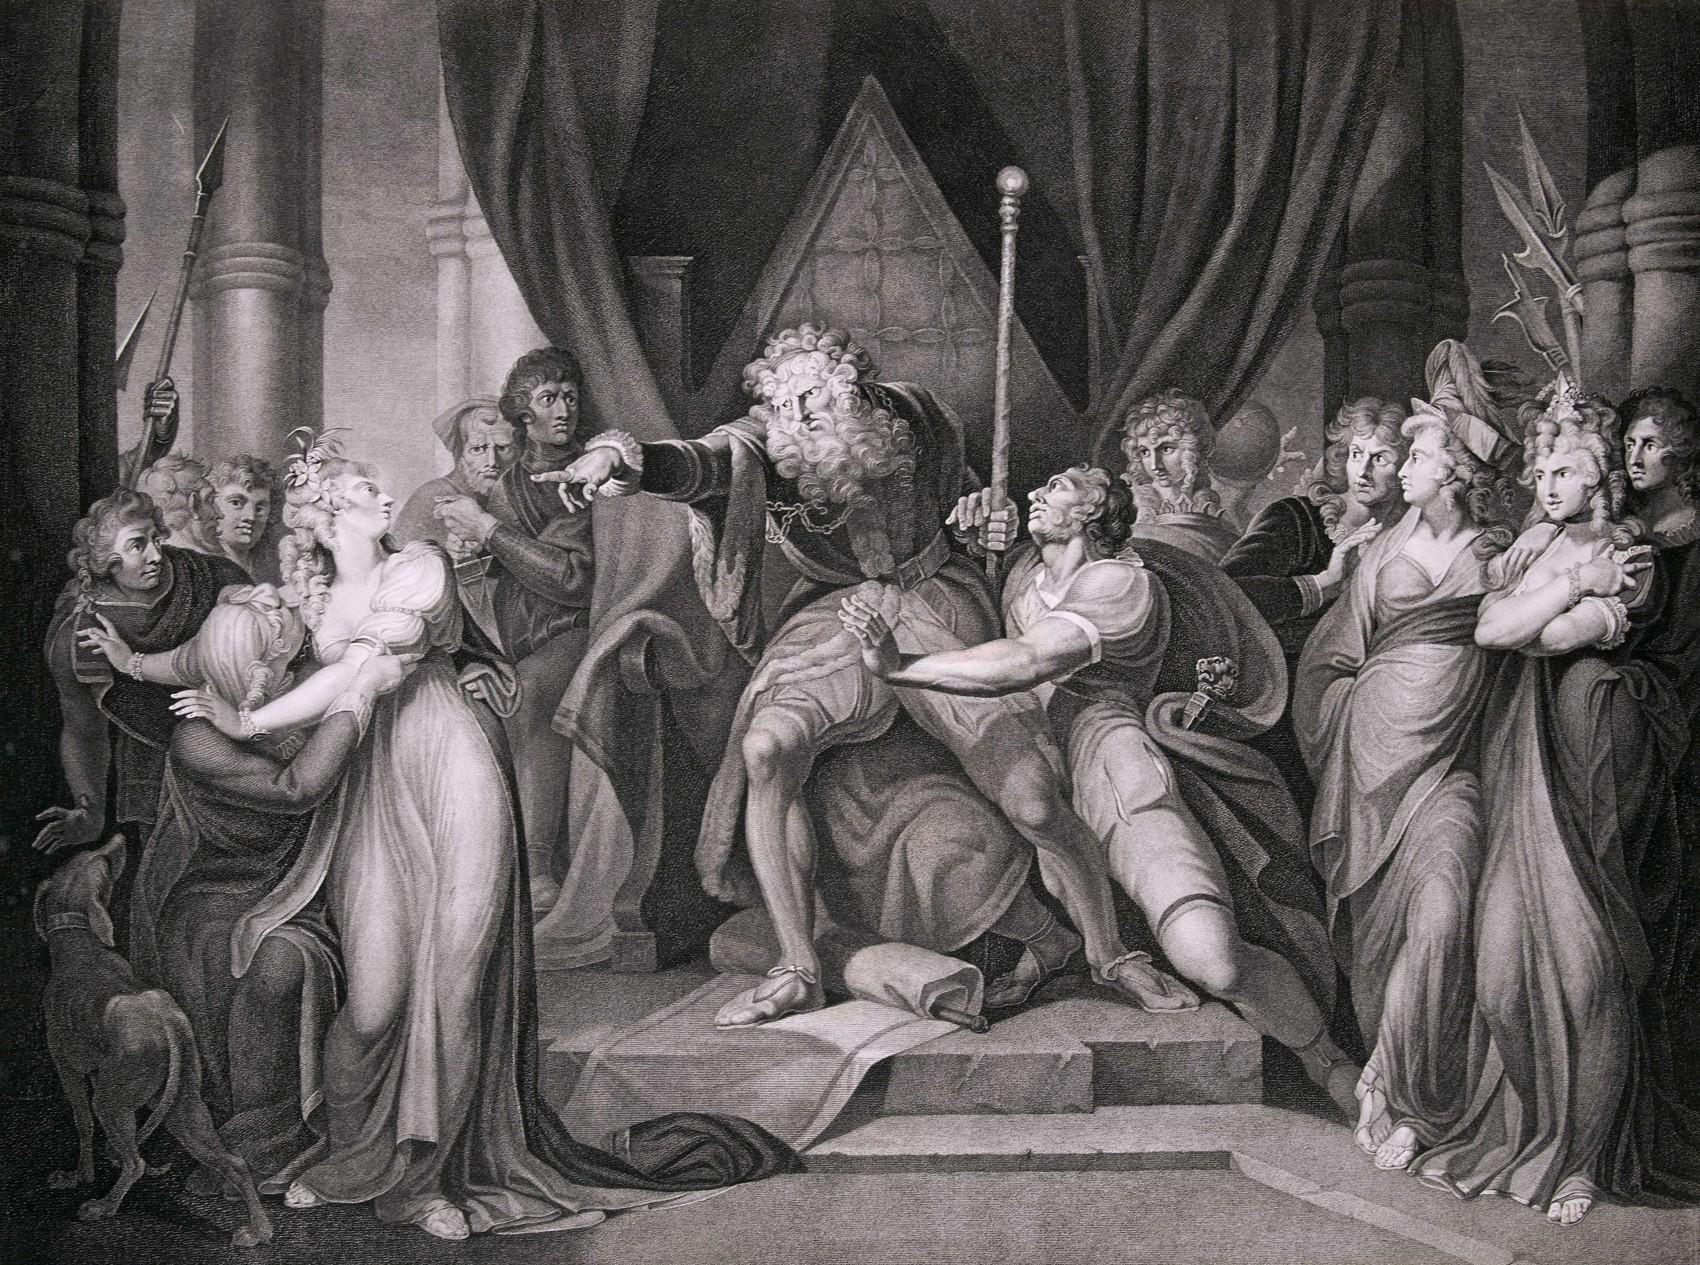 ©J.H. Füssli King Lear Admonishing Cordelia